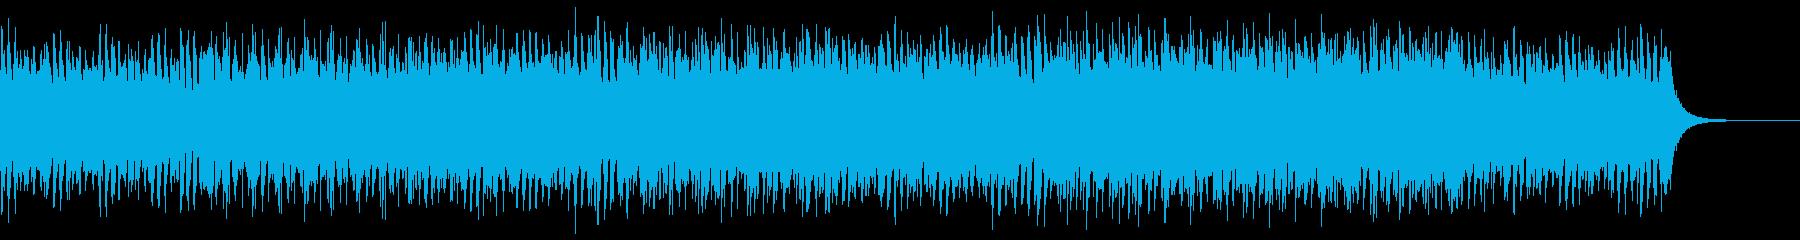 ストリングス主体の爽やかなポップスの再生済みの波形